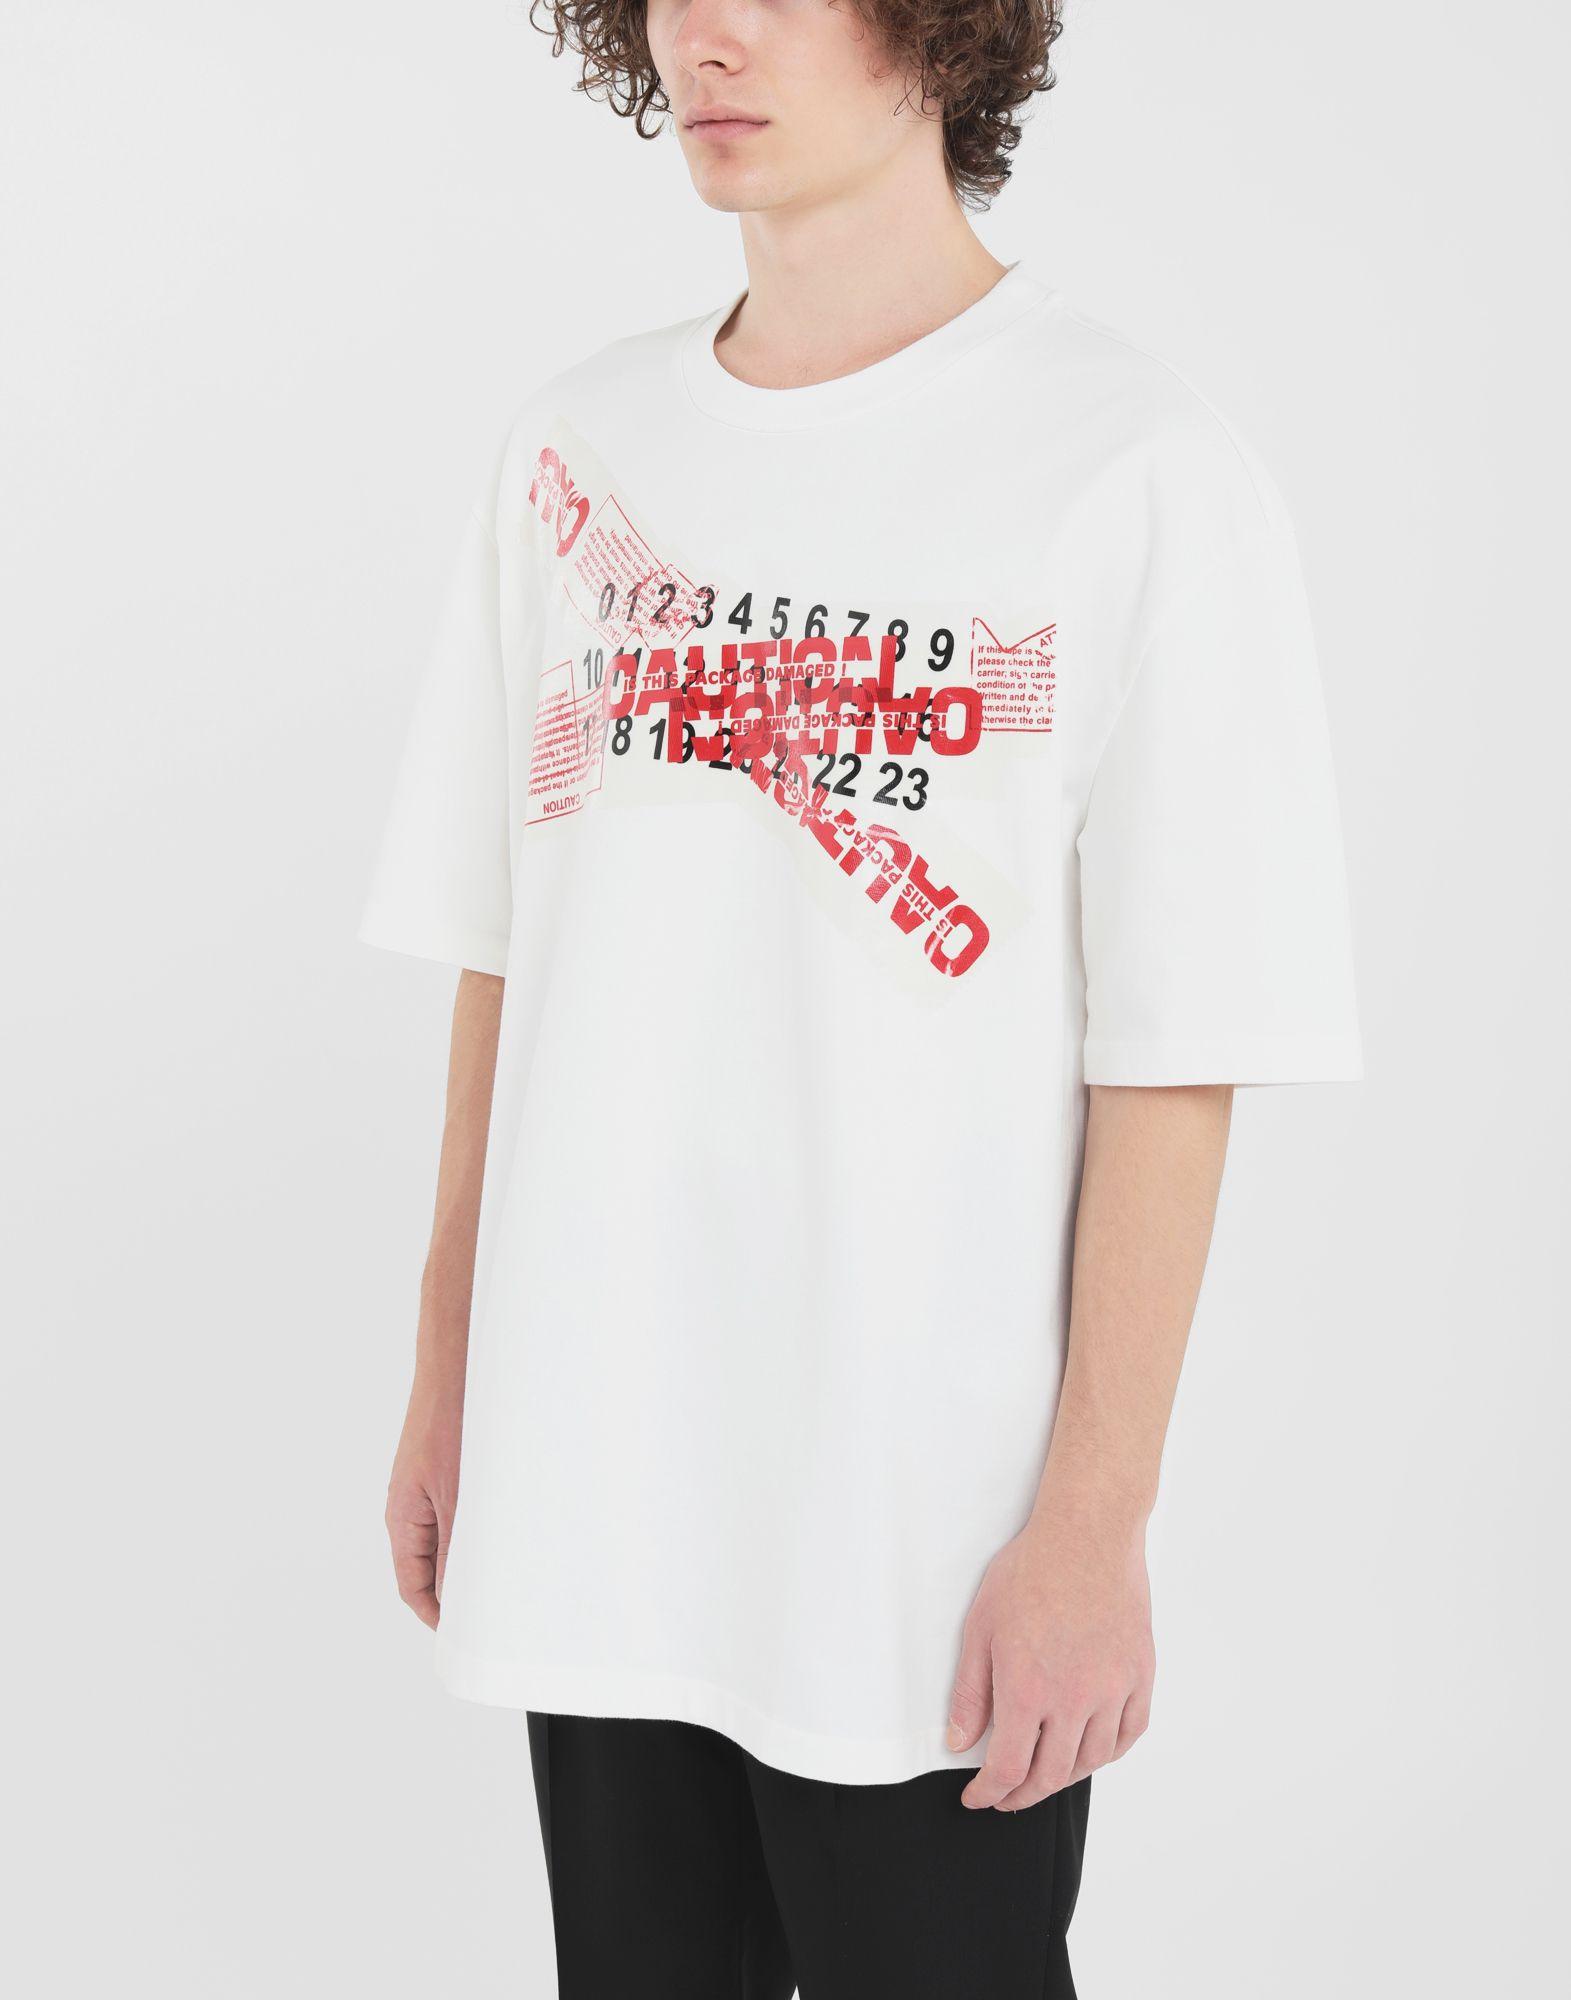 MAISON MARGIELA 'Caution' Tシャツ  T シャツ メンズ r